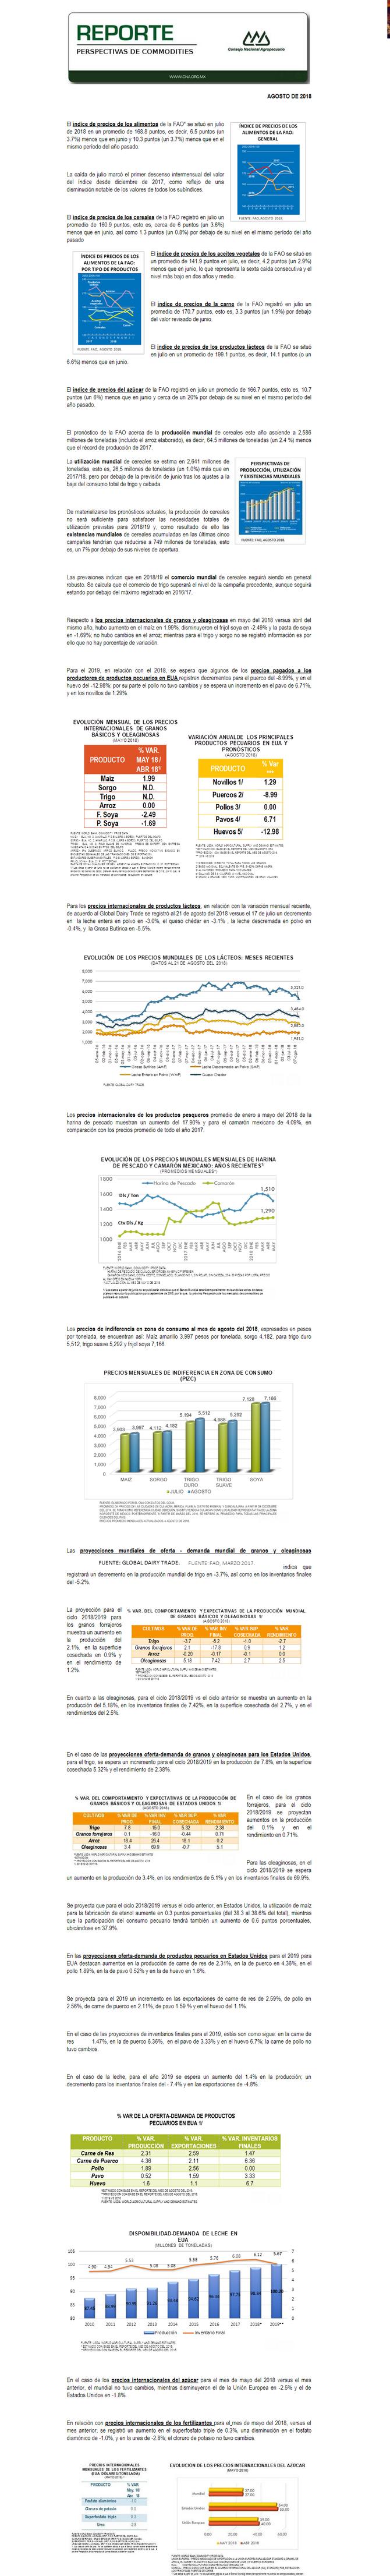 REPORTE DE PERSPECTIVAS DE COMMODITIES DEL MES DE AGOSTO DEL 2018